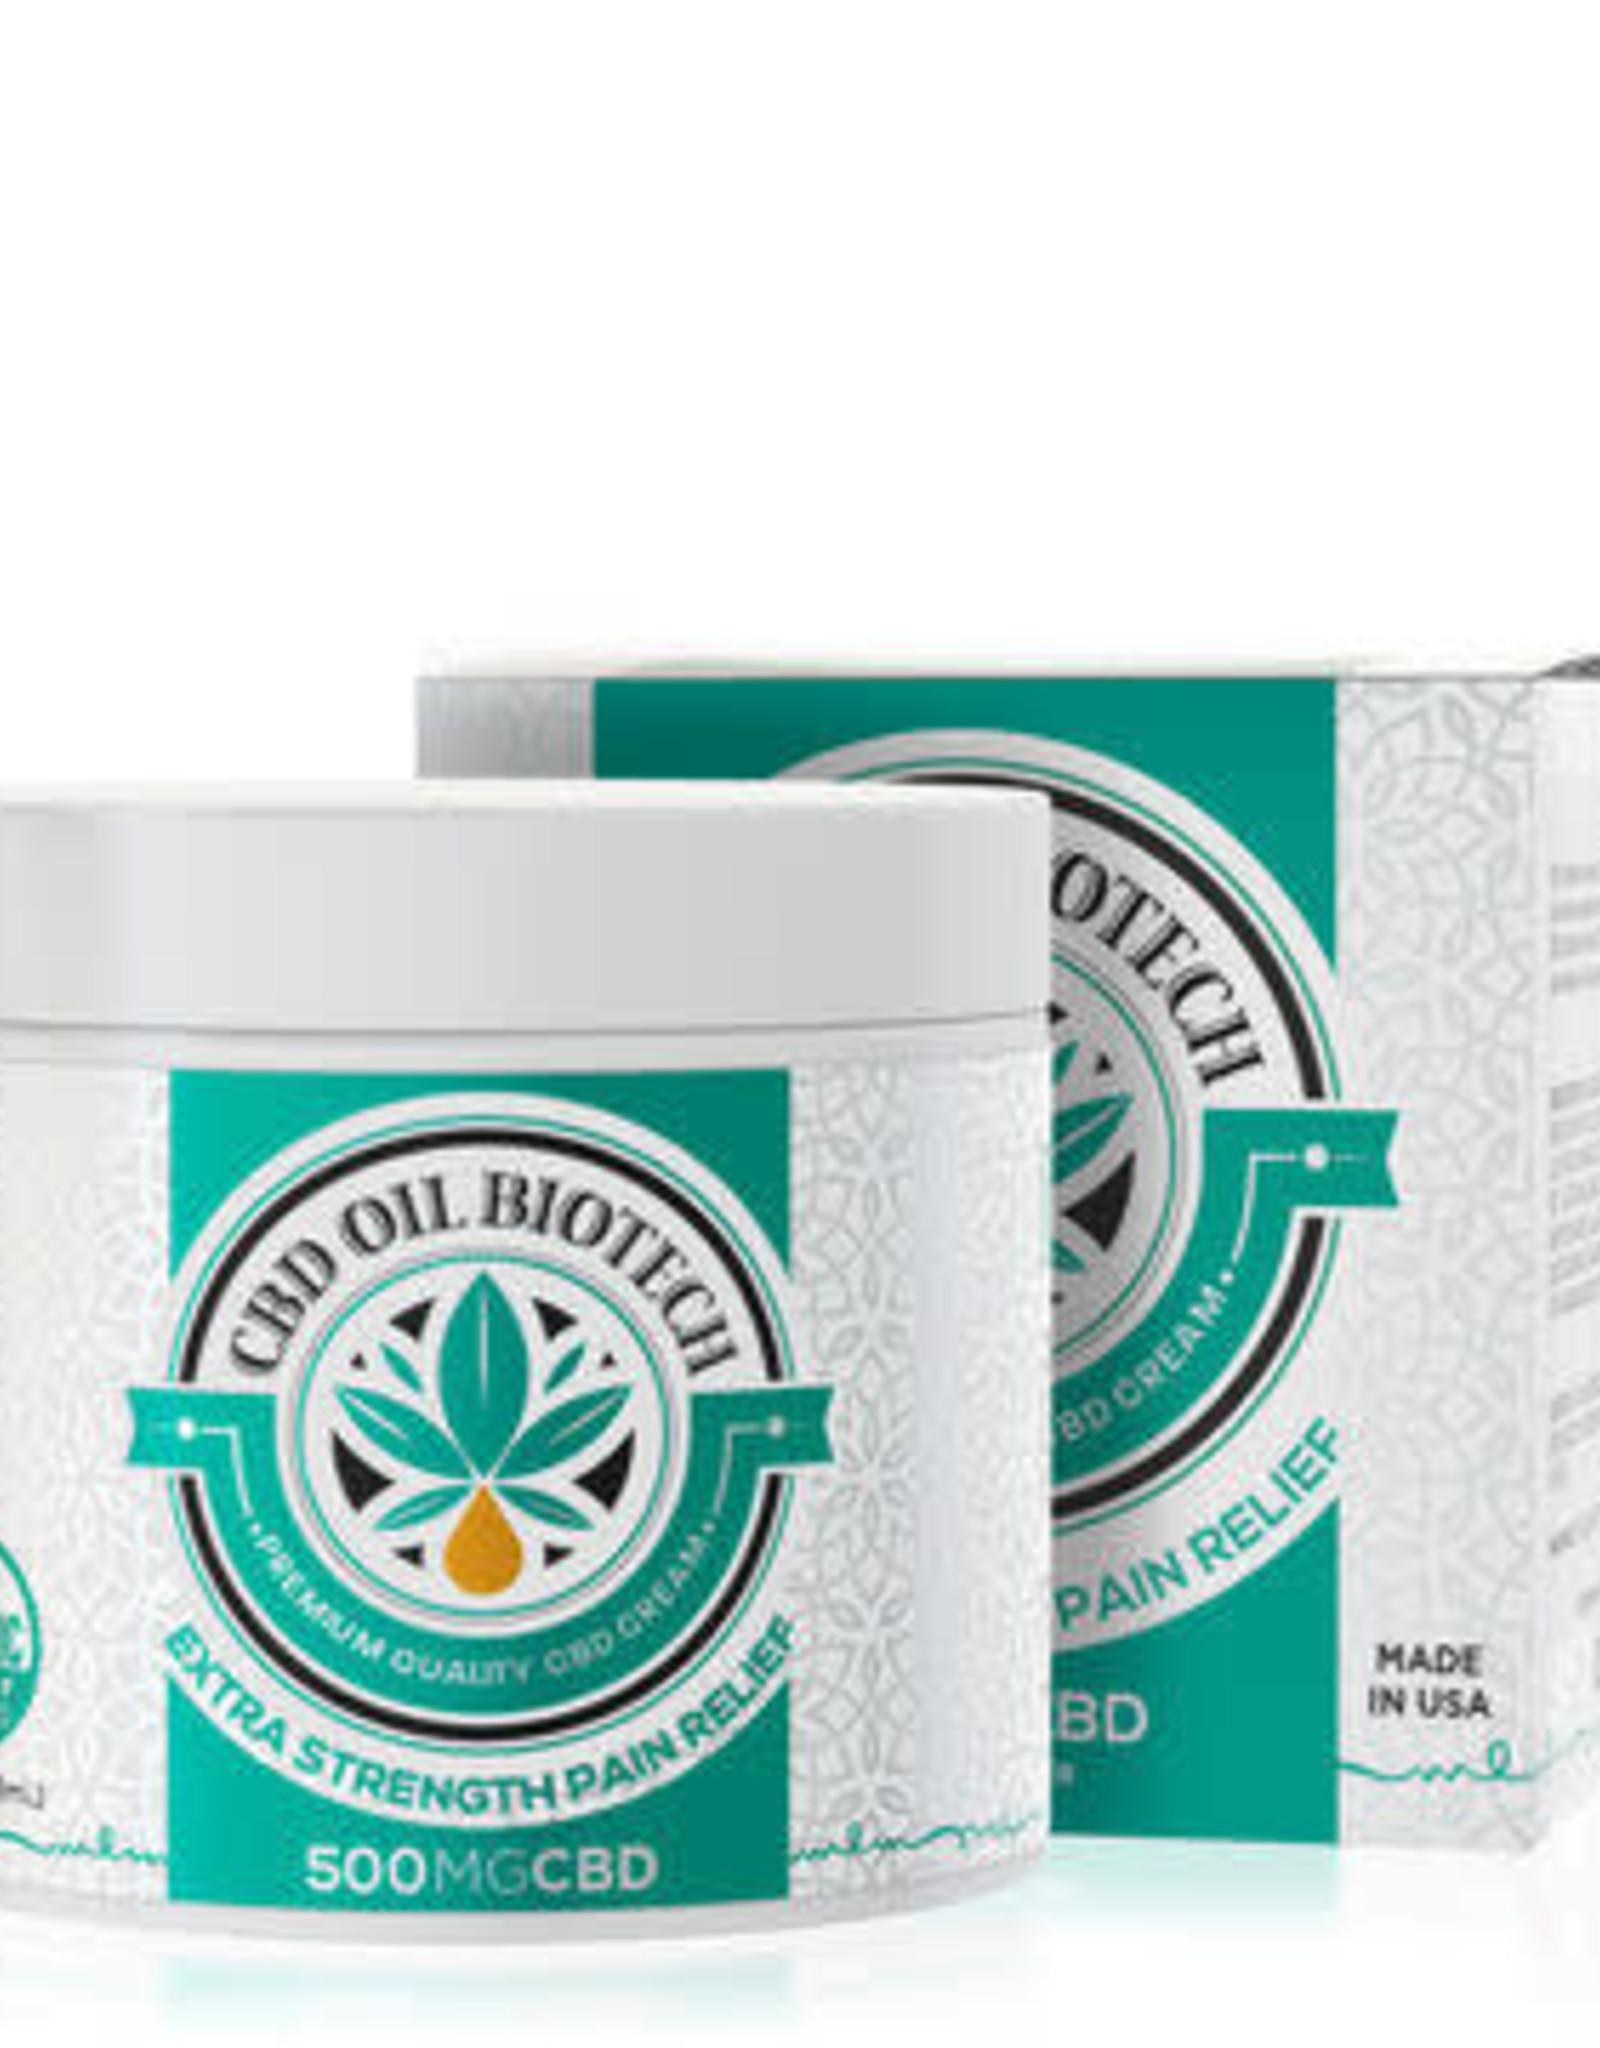 Diamond Biotech Pain Cream 500mg